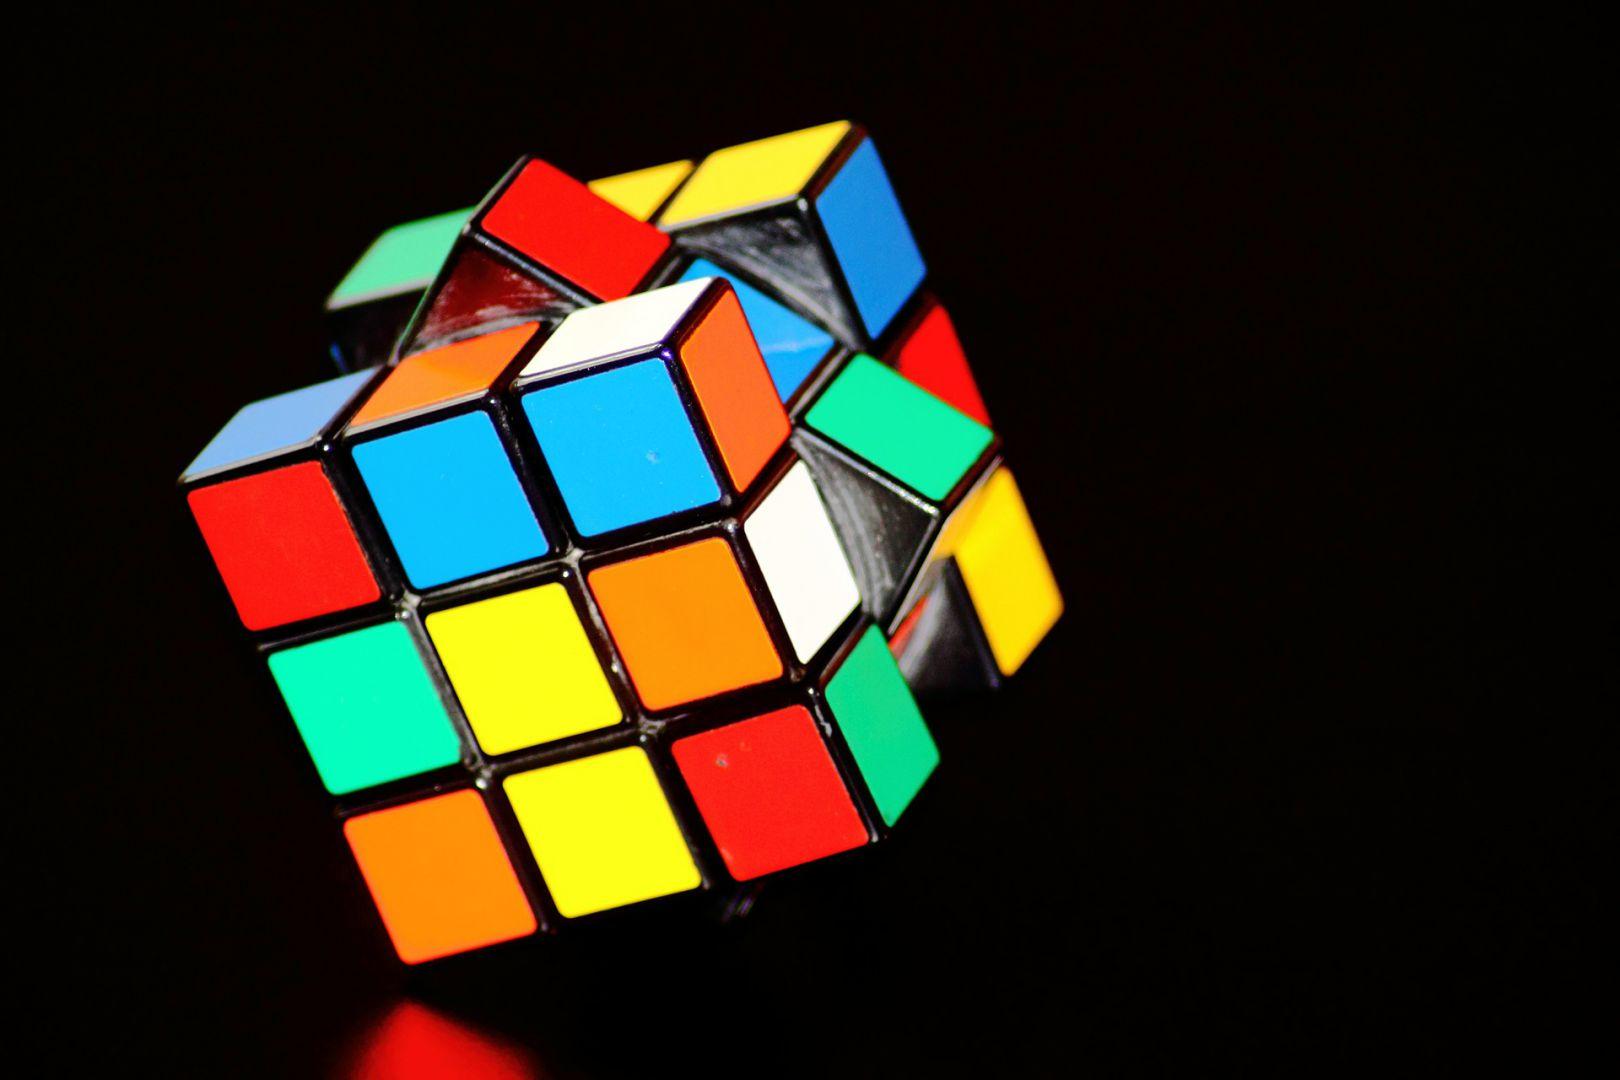 A Rubix Cube of Design